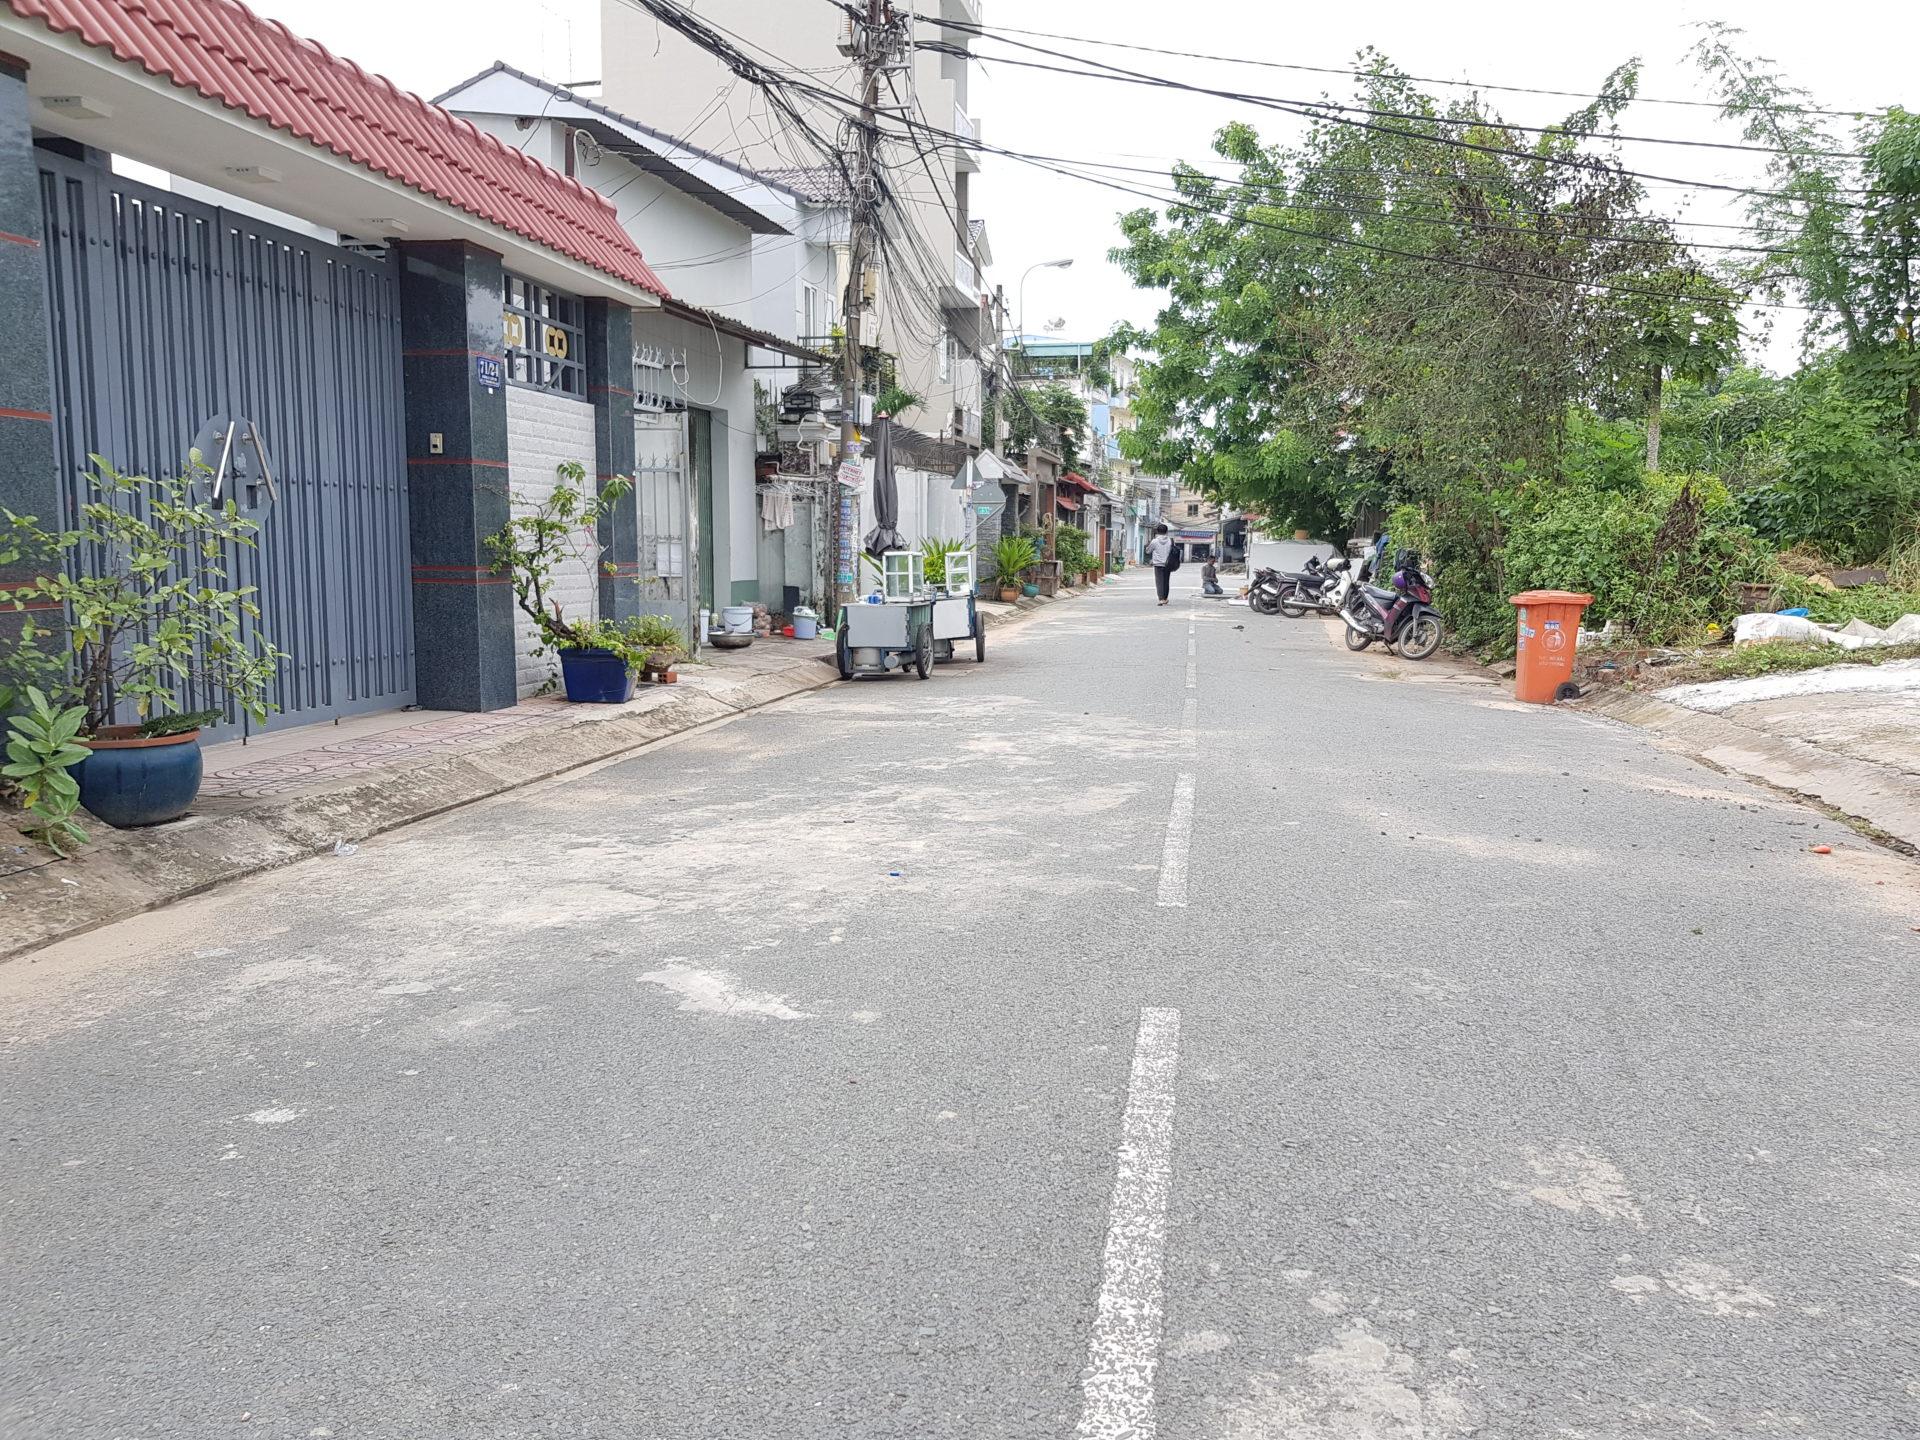 Đất Tăng Nhơn Phú A Quận 9 Ngay Trung Tâm, Dân Cực Đông. Vị Trí Cực Đẹp, Người Thuê Cực Nhiều, Giá Cực Rẻ